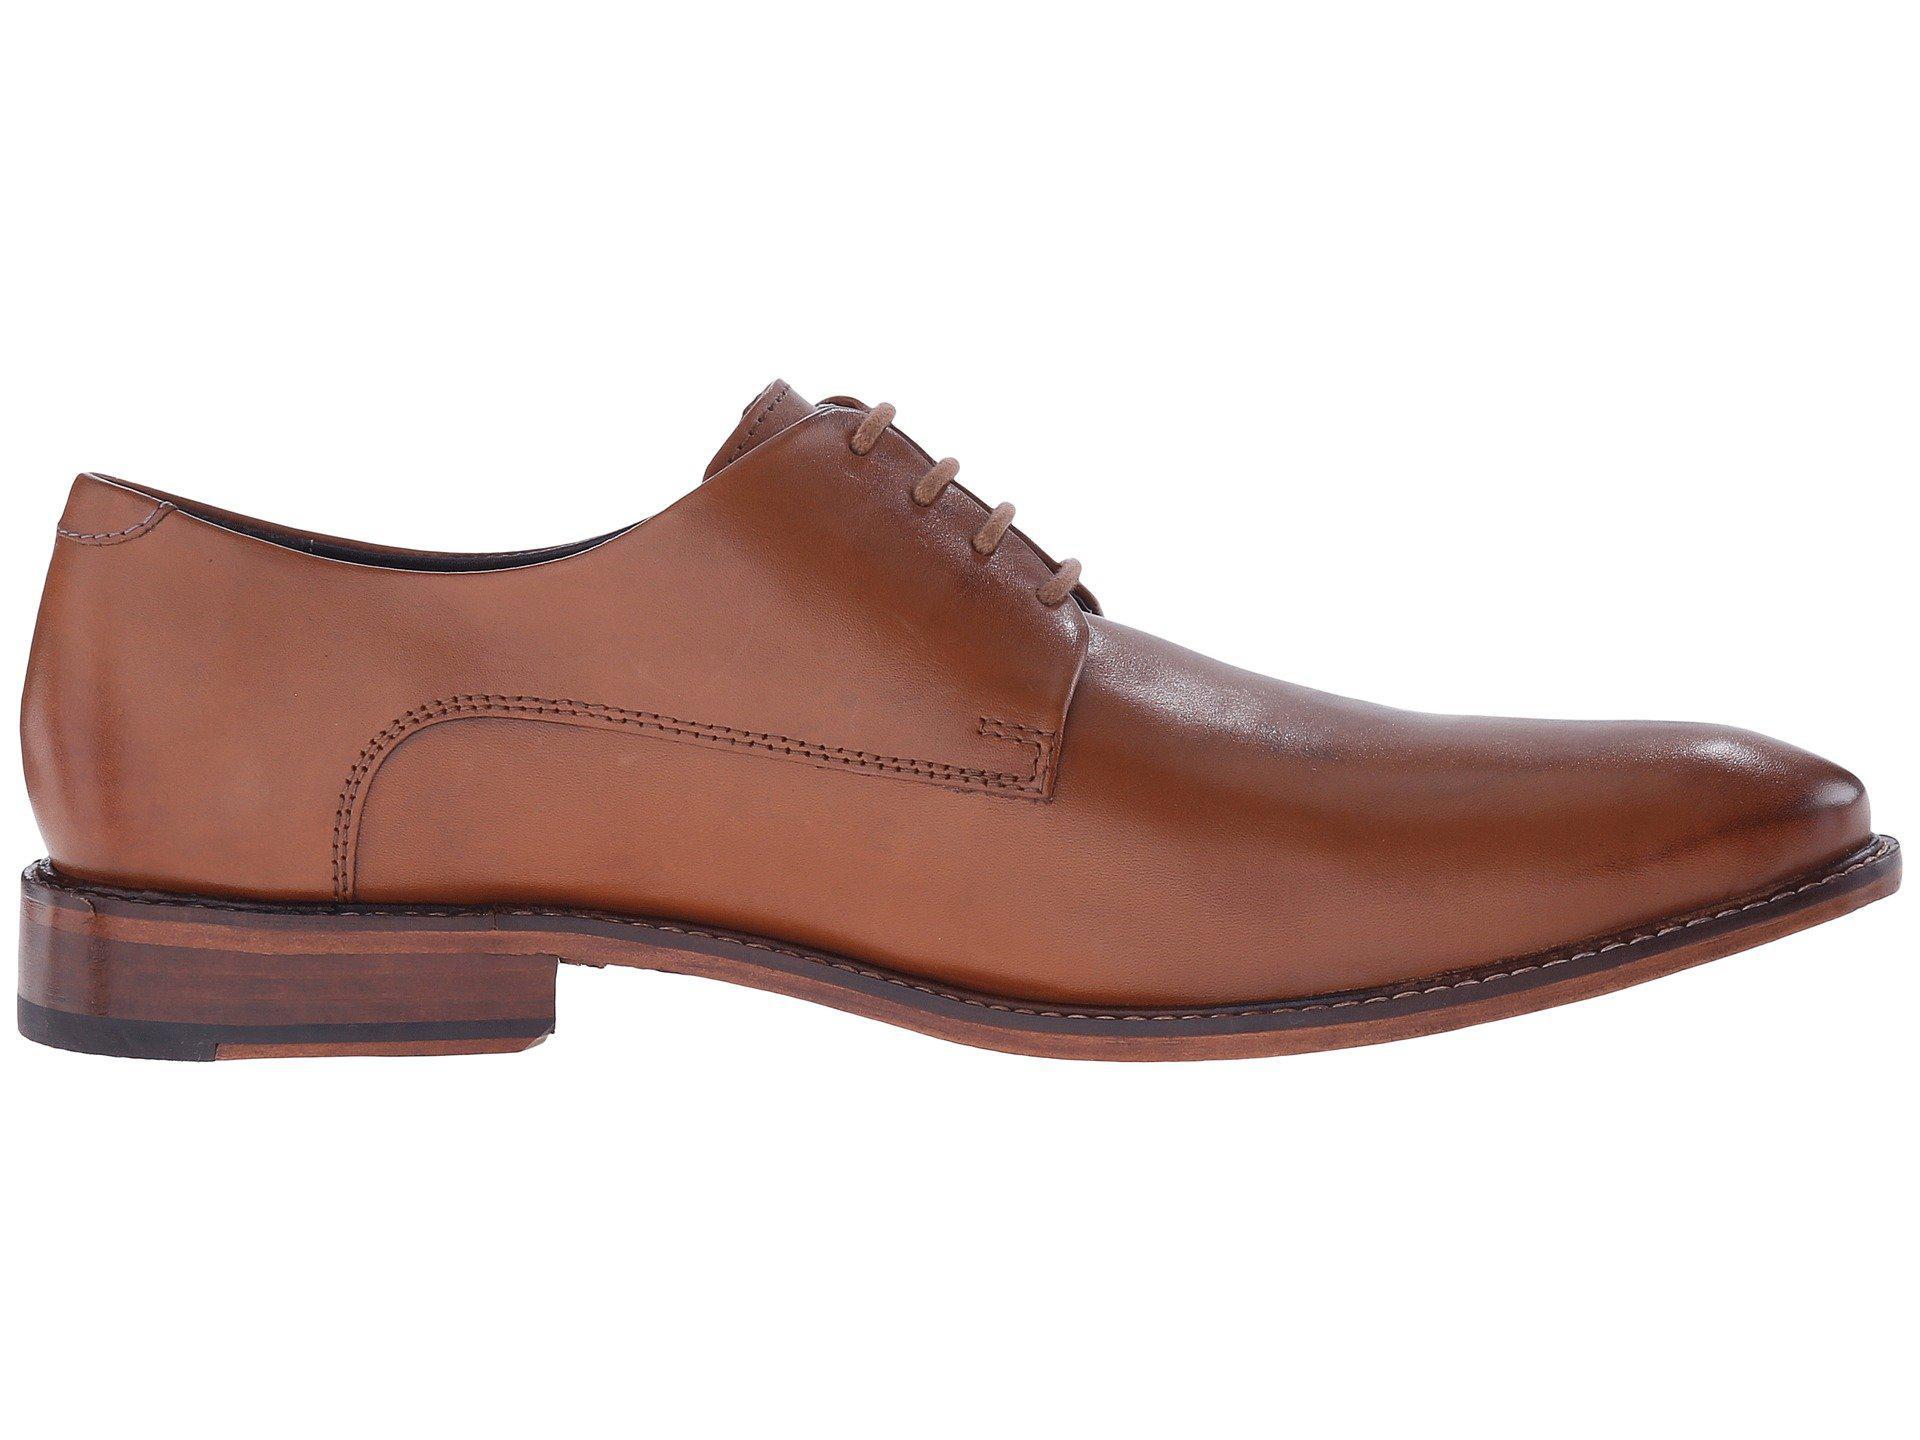 Ted Baker Mens IRRON 3 LTHR AM Formal Shoe Oxford